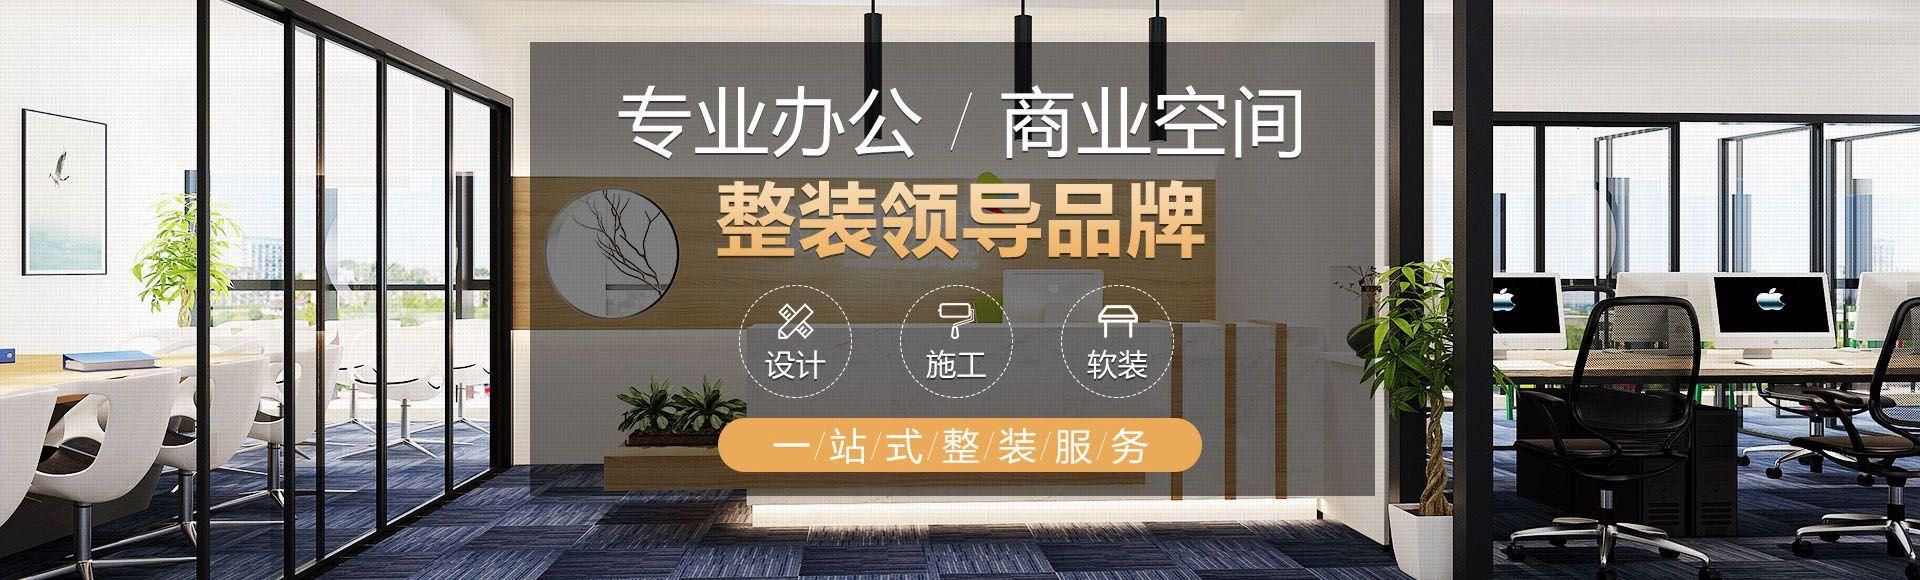 廣州辦公室裝修